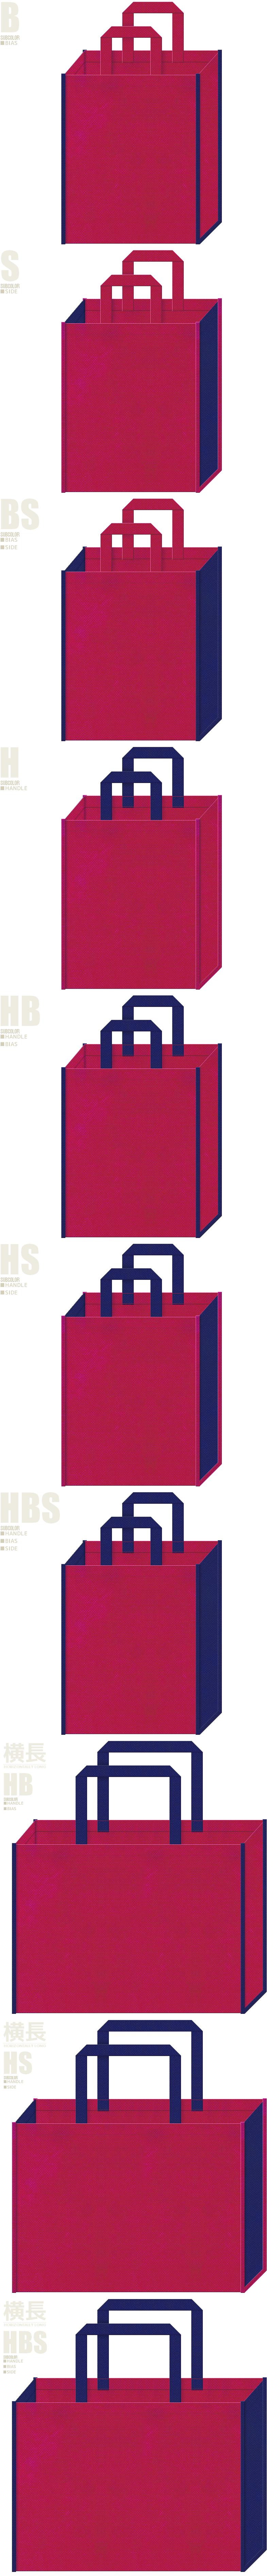 夏祭り・夏浴衣・法被・スポーツイベント・レッスンバッグ・サマーイベントにお奨めの不織布バッグデザイン:濃いピンク色と明るい紺色の配色7パターン